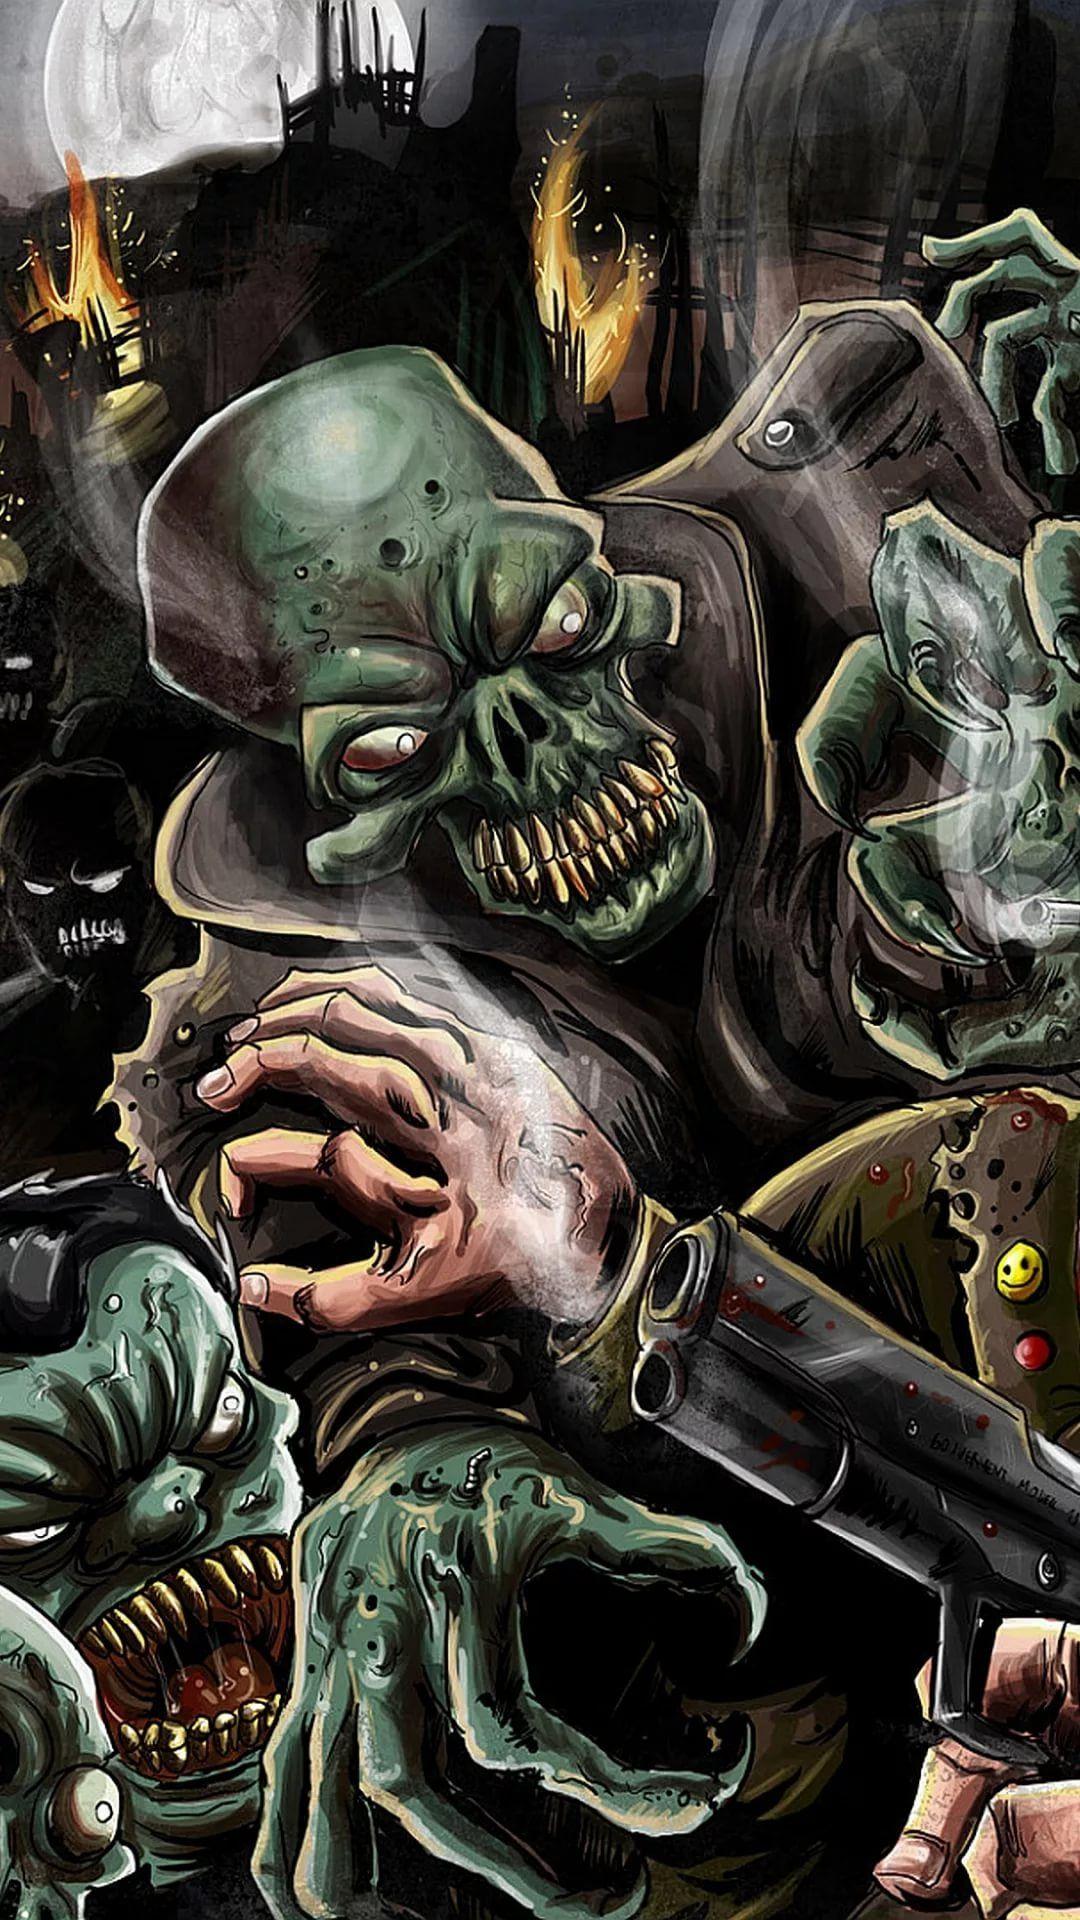 Zombie iOS 11 wallpaper